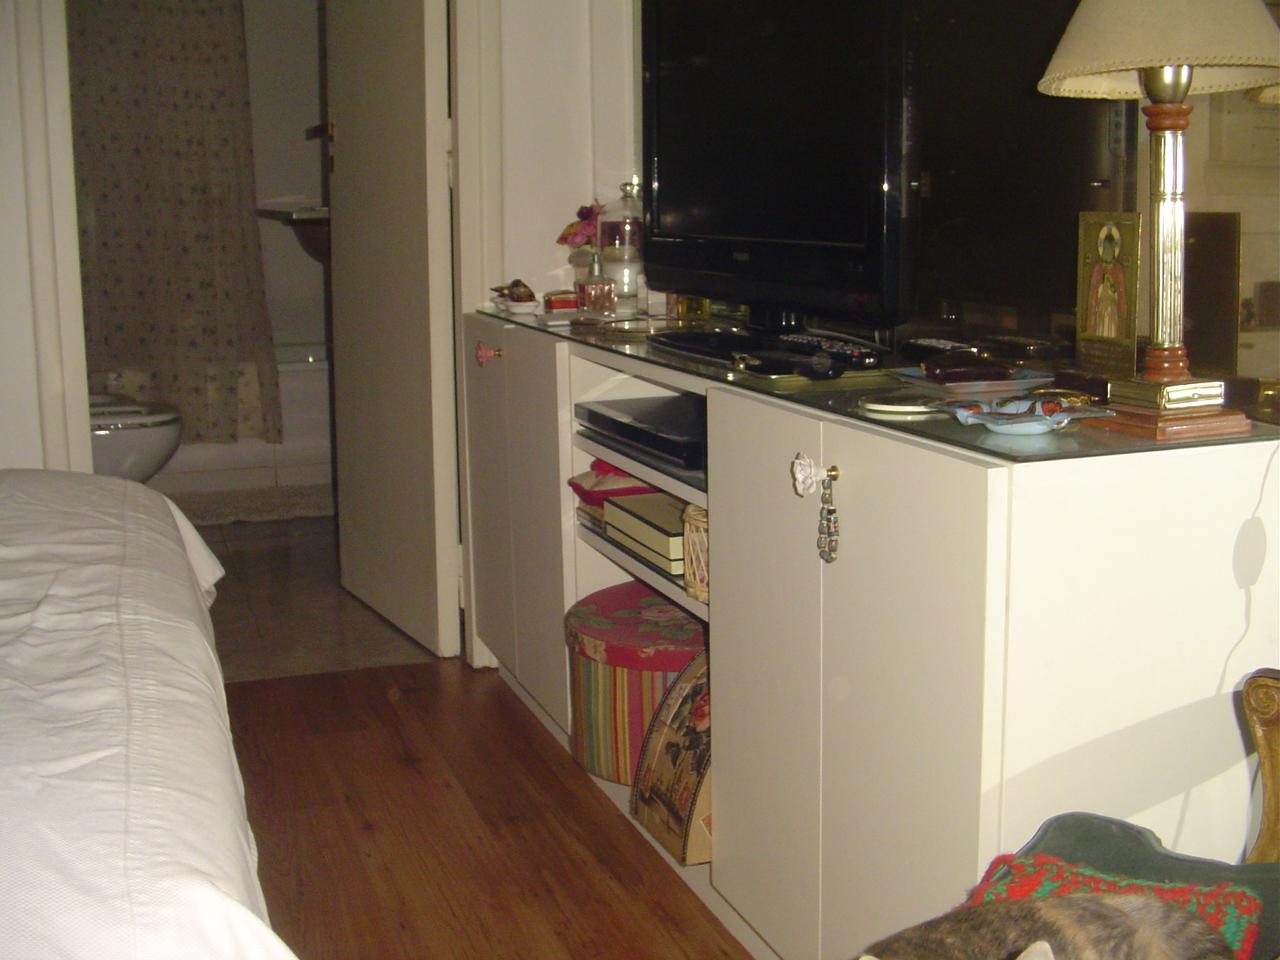 Tapa carpintero escritorios y muebles de guardado - Muebles tapa tapa ...